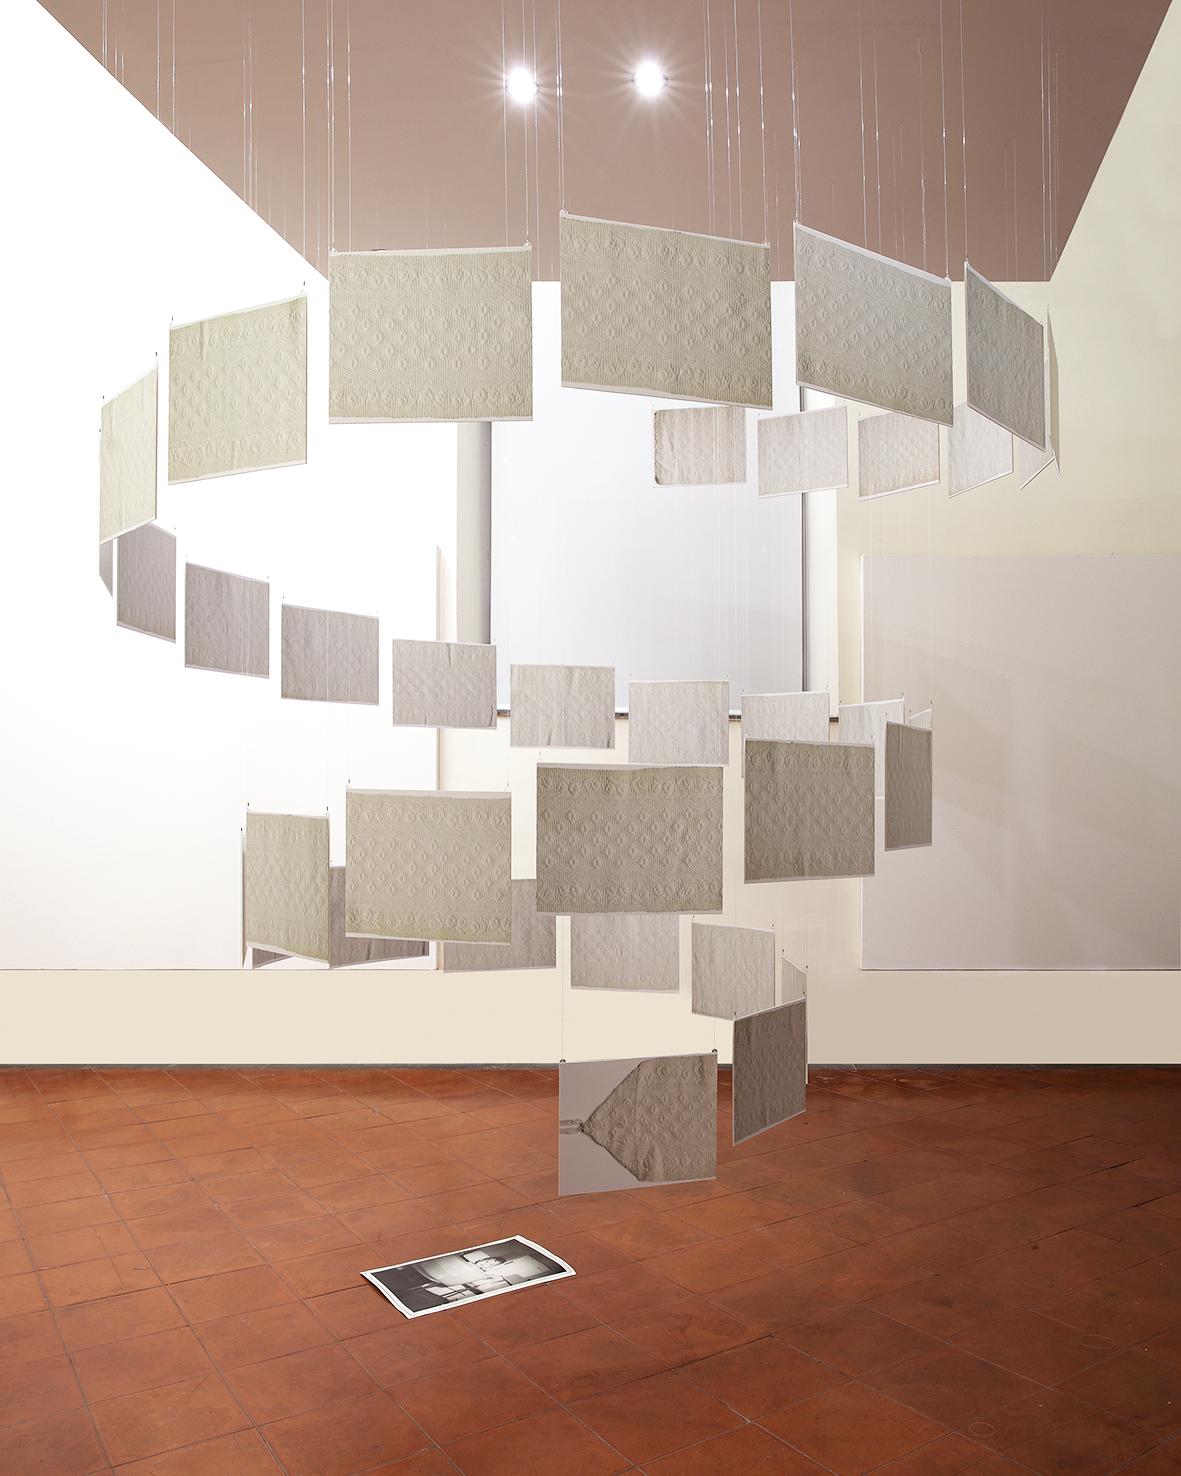 Paola Binante, 'Tatina', 2011-2013, installazione con stampe fotocolor, in mostra nel 2014 al Museo di Roma in Trastevere' © P.Binante/MdRiT/CSA